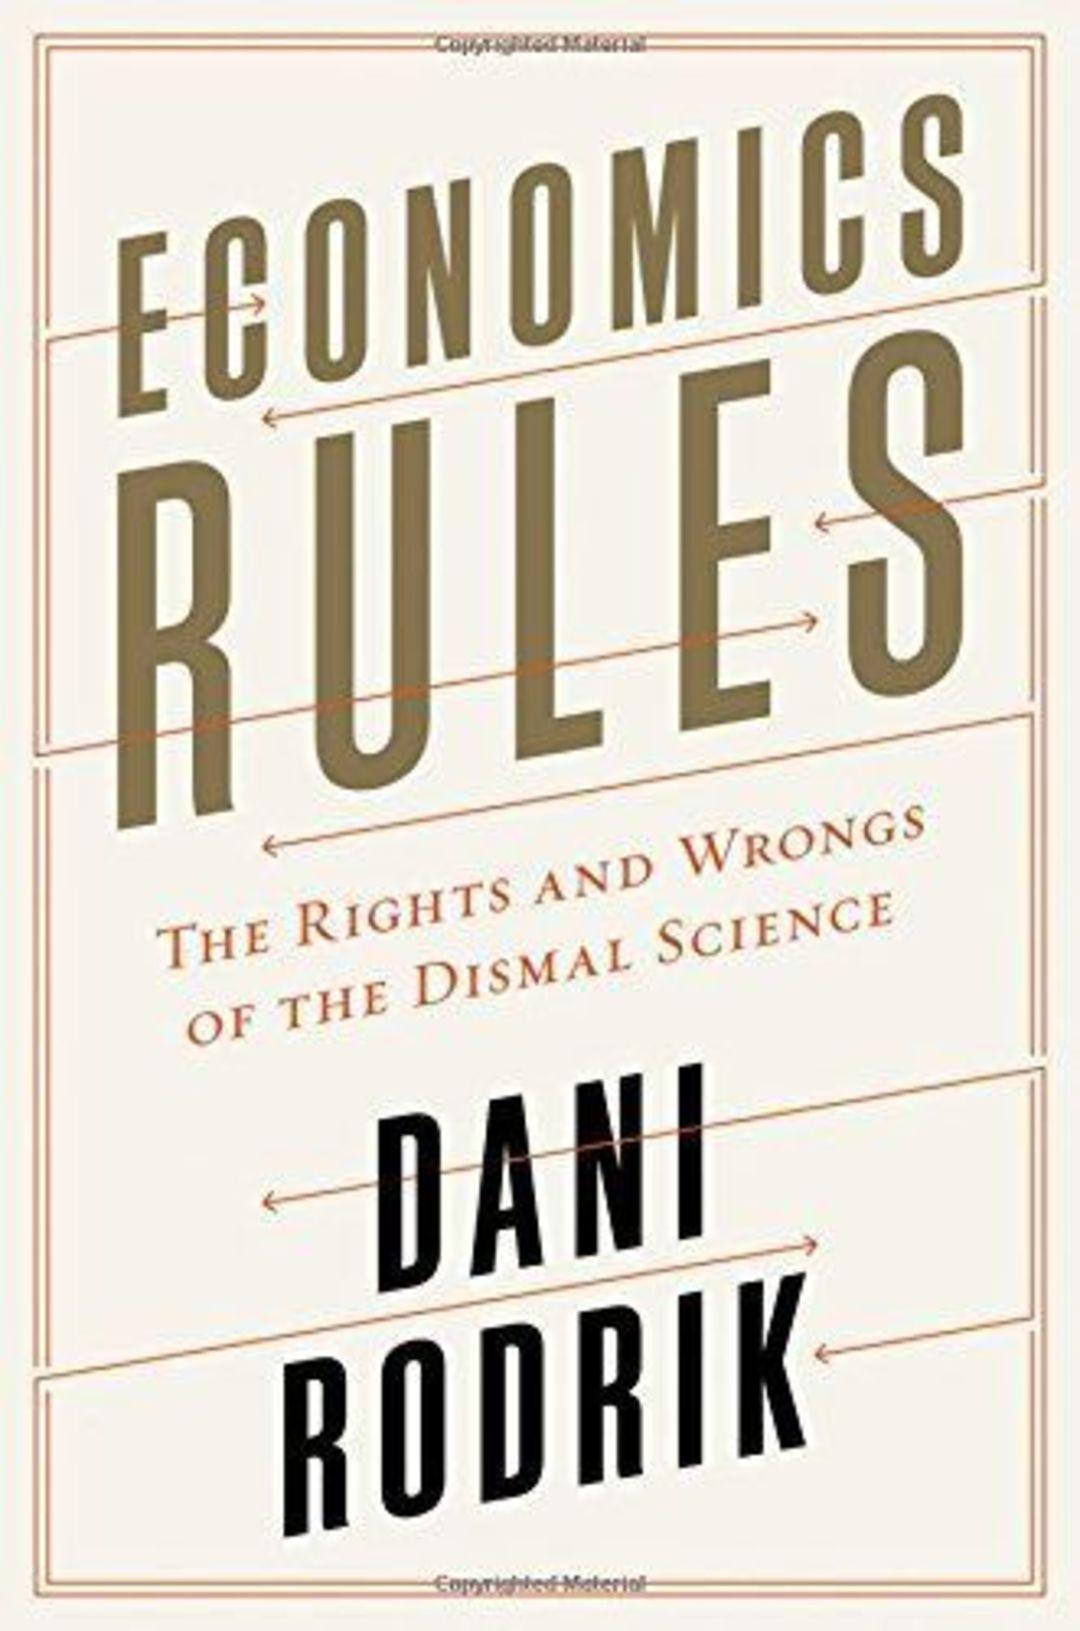 《经济学人》发布年度书单,16本经济和科普书值得关注_文化_好奇心日报